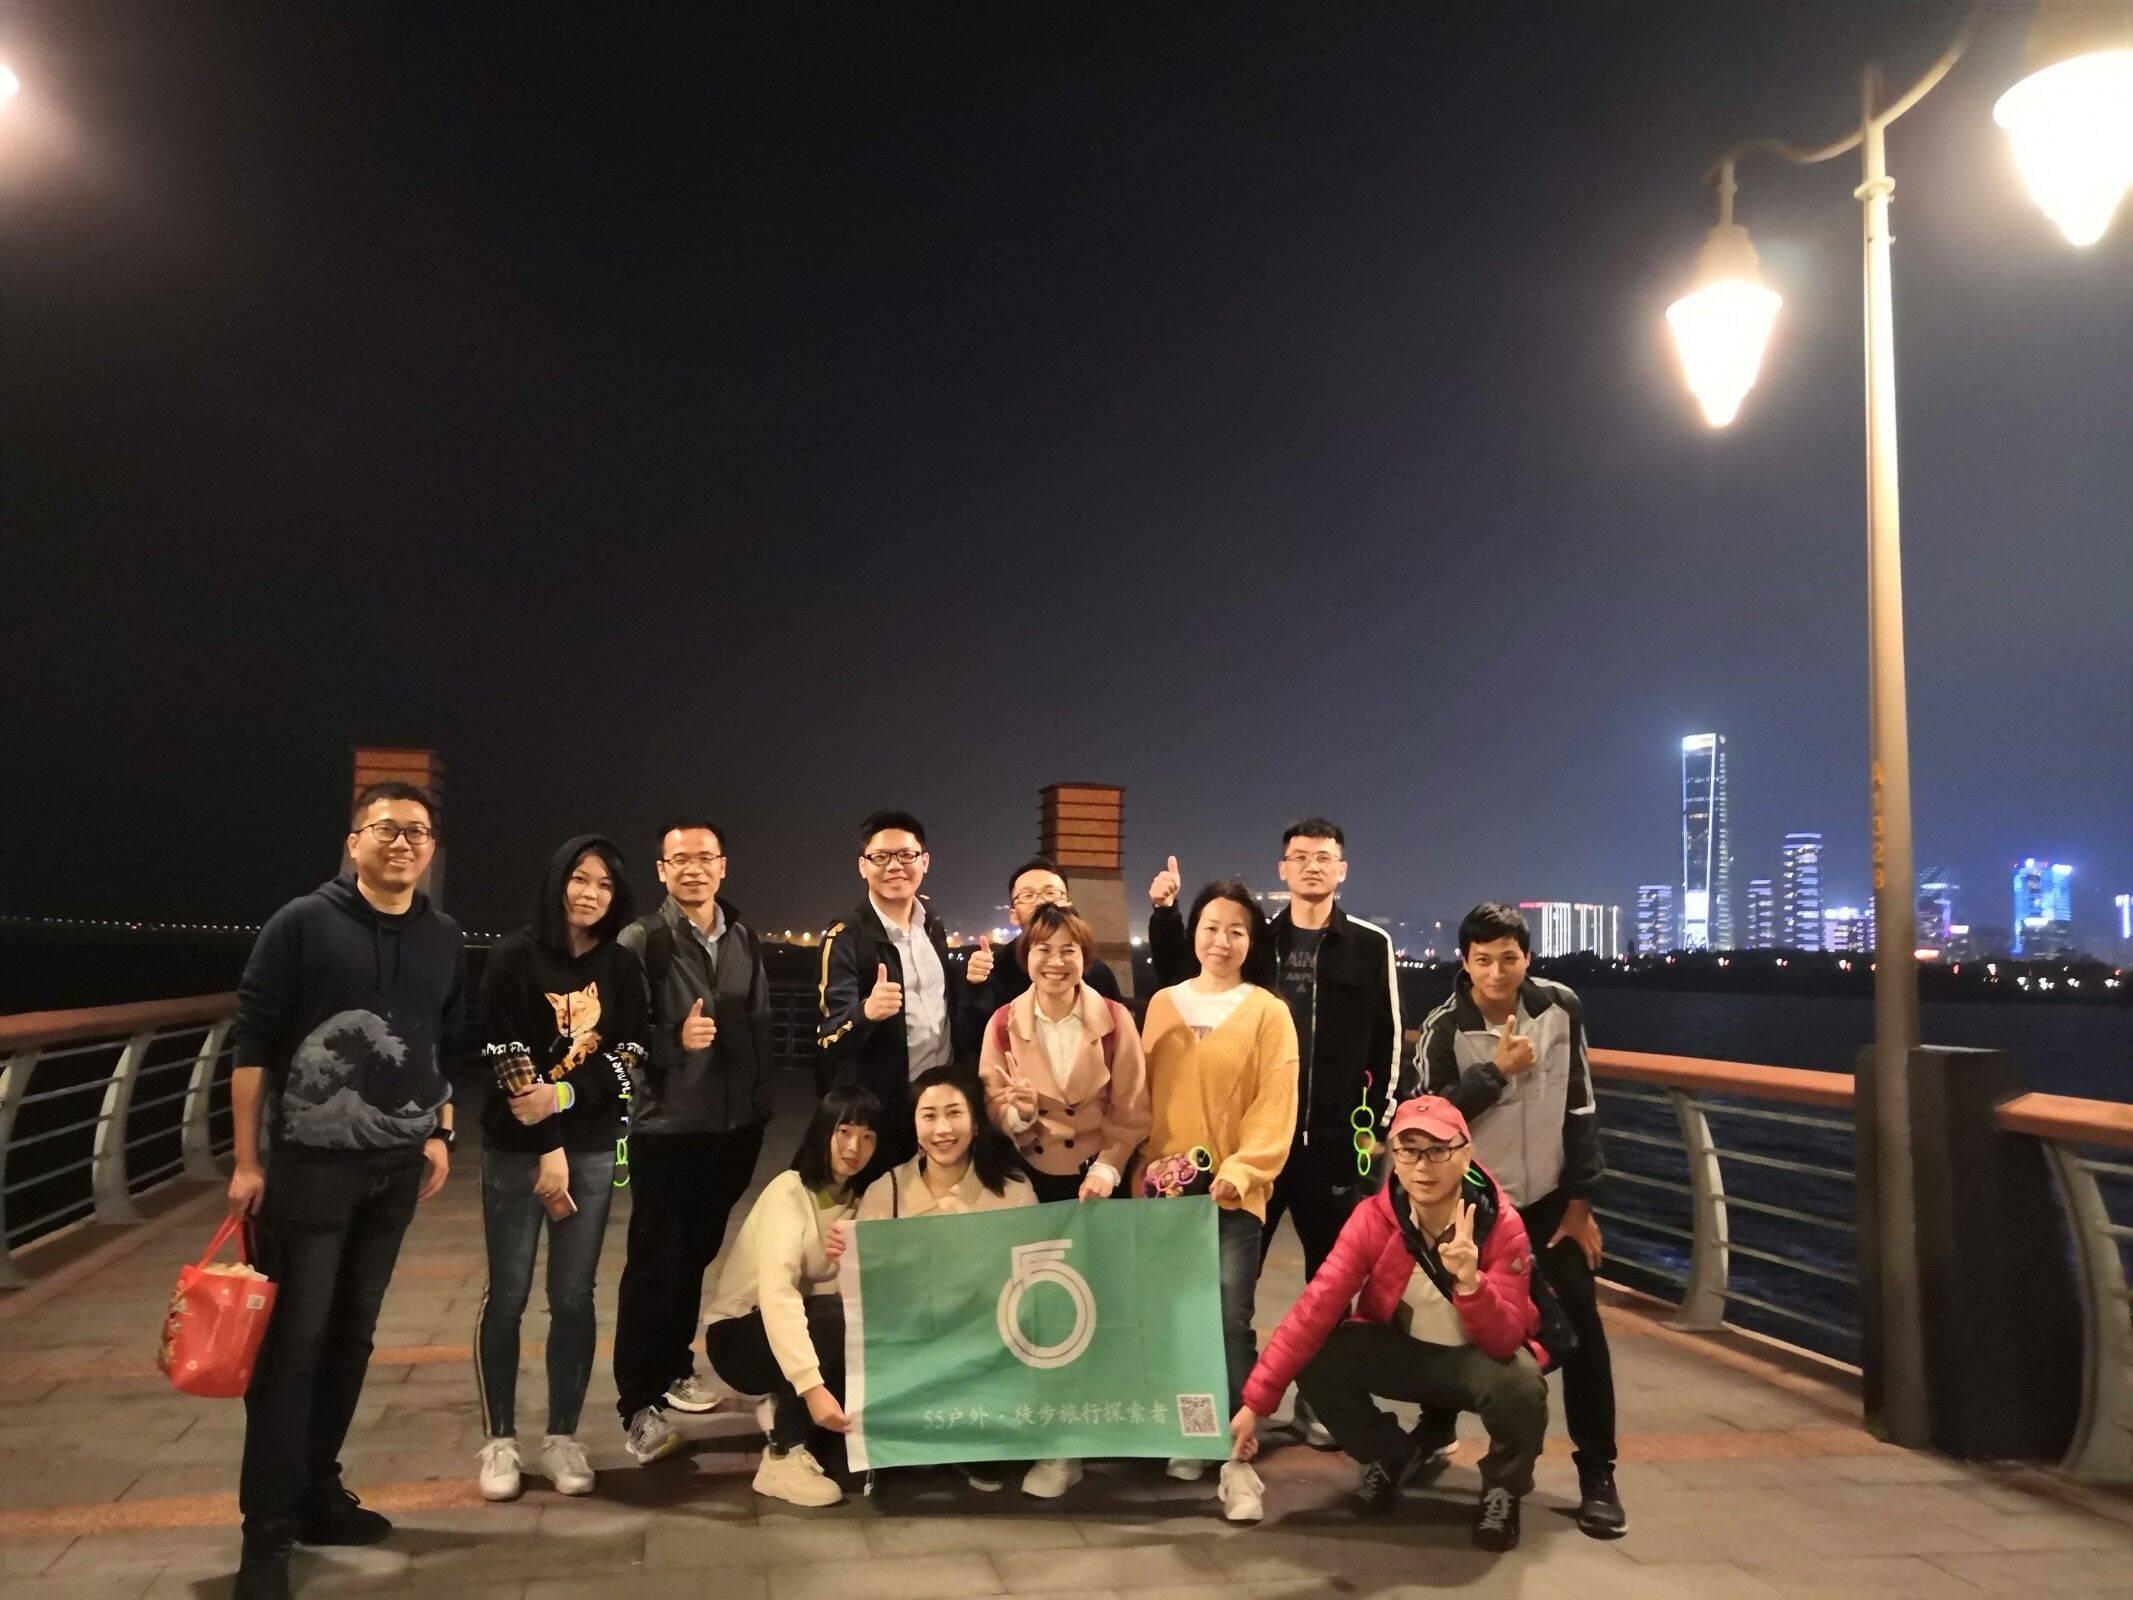 55户外-2020.01.15 深圳湾夜徒